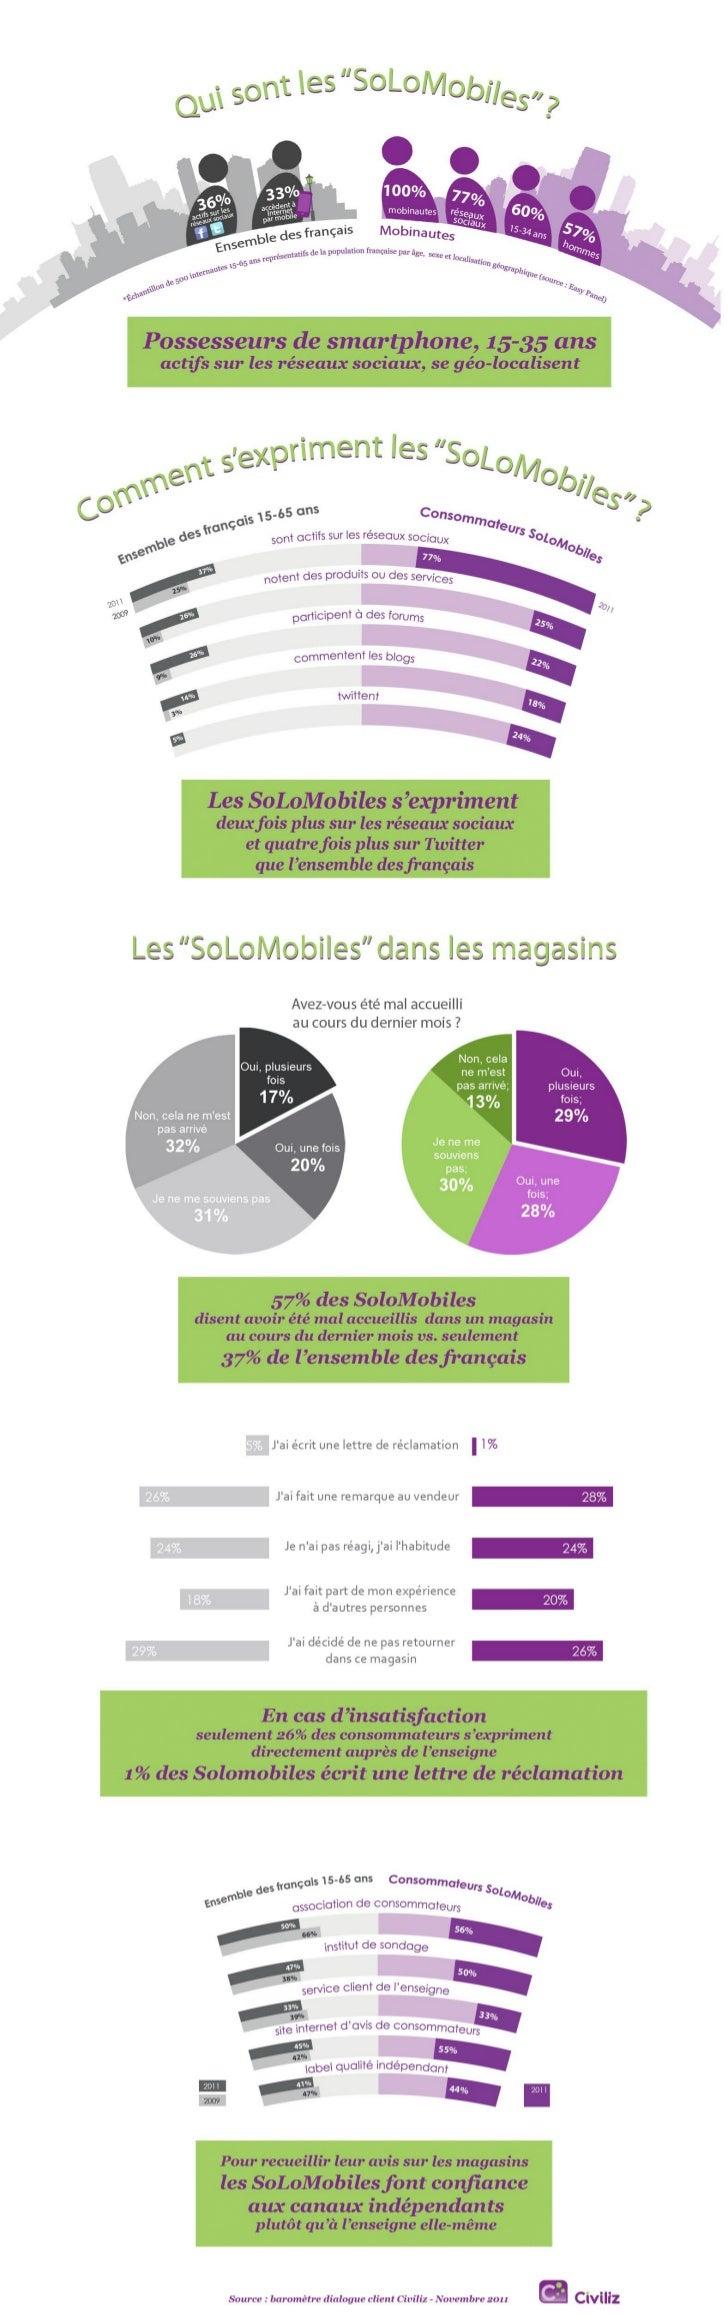 """Les """"SoLoMobiles"""", des consommateurs plus exigeants"""